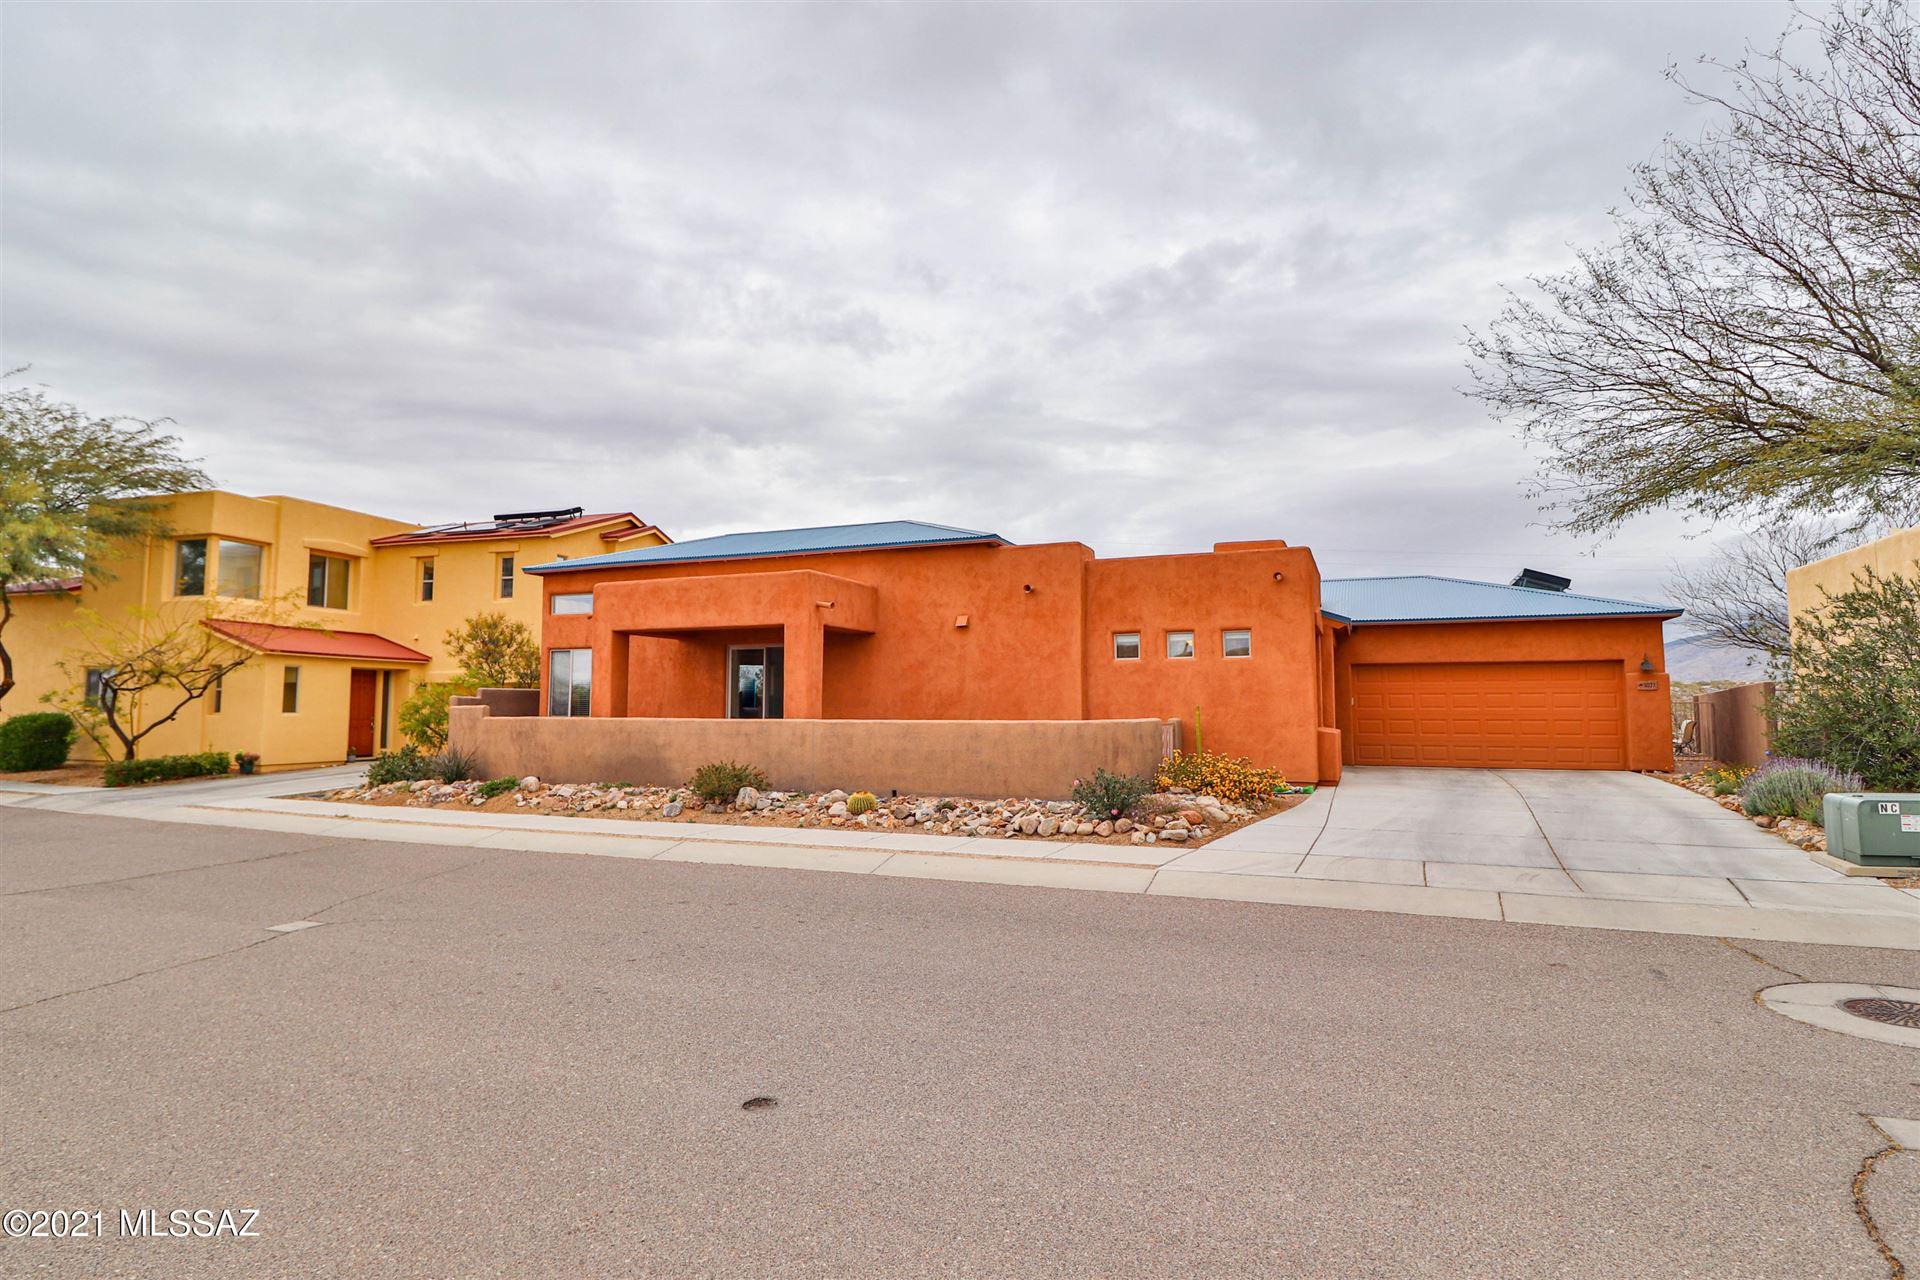 5037 S Hannah Heather Place, Tucson, AZ 85747 - MLS#: 22107734